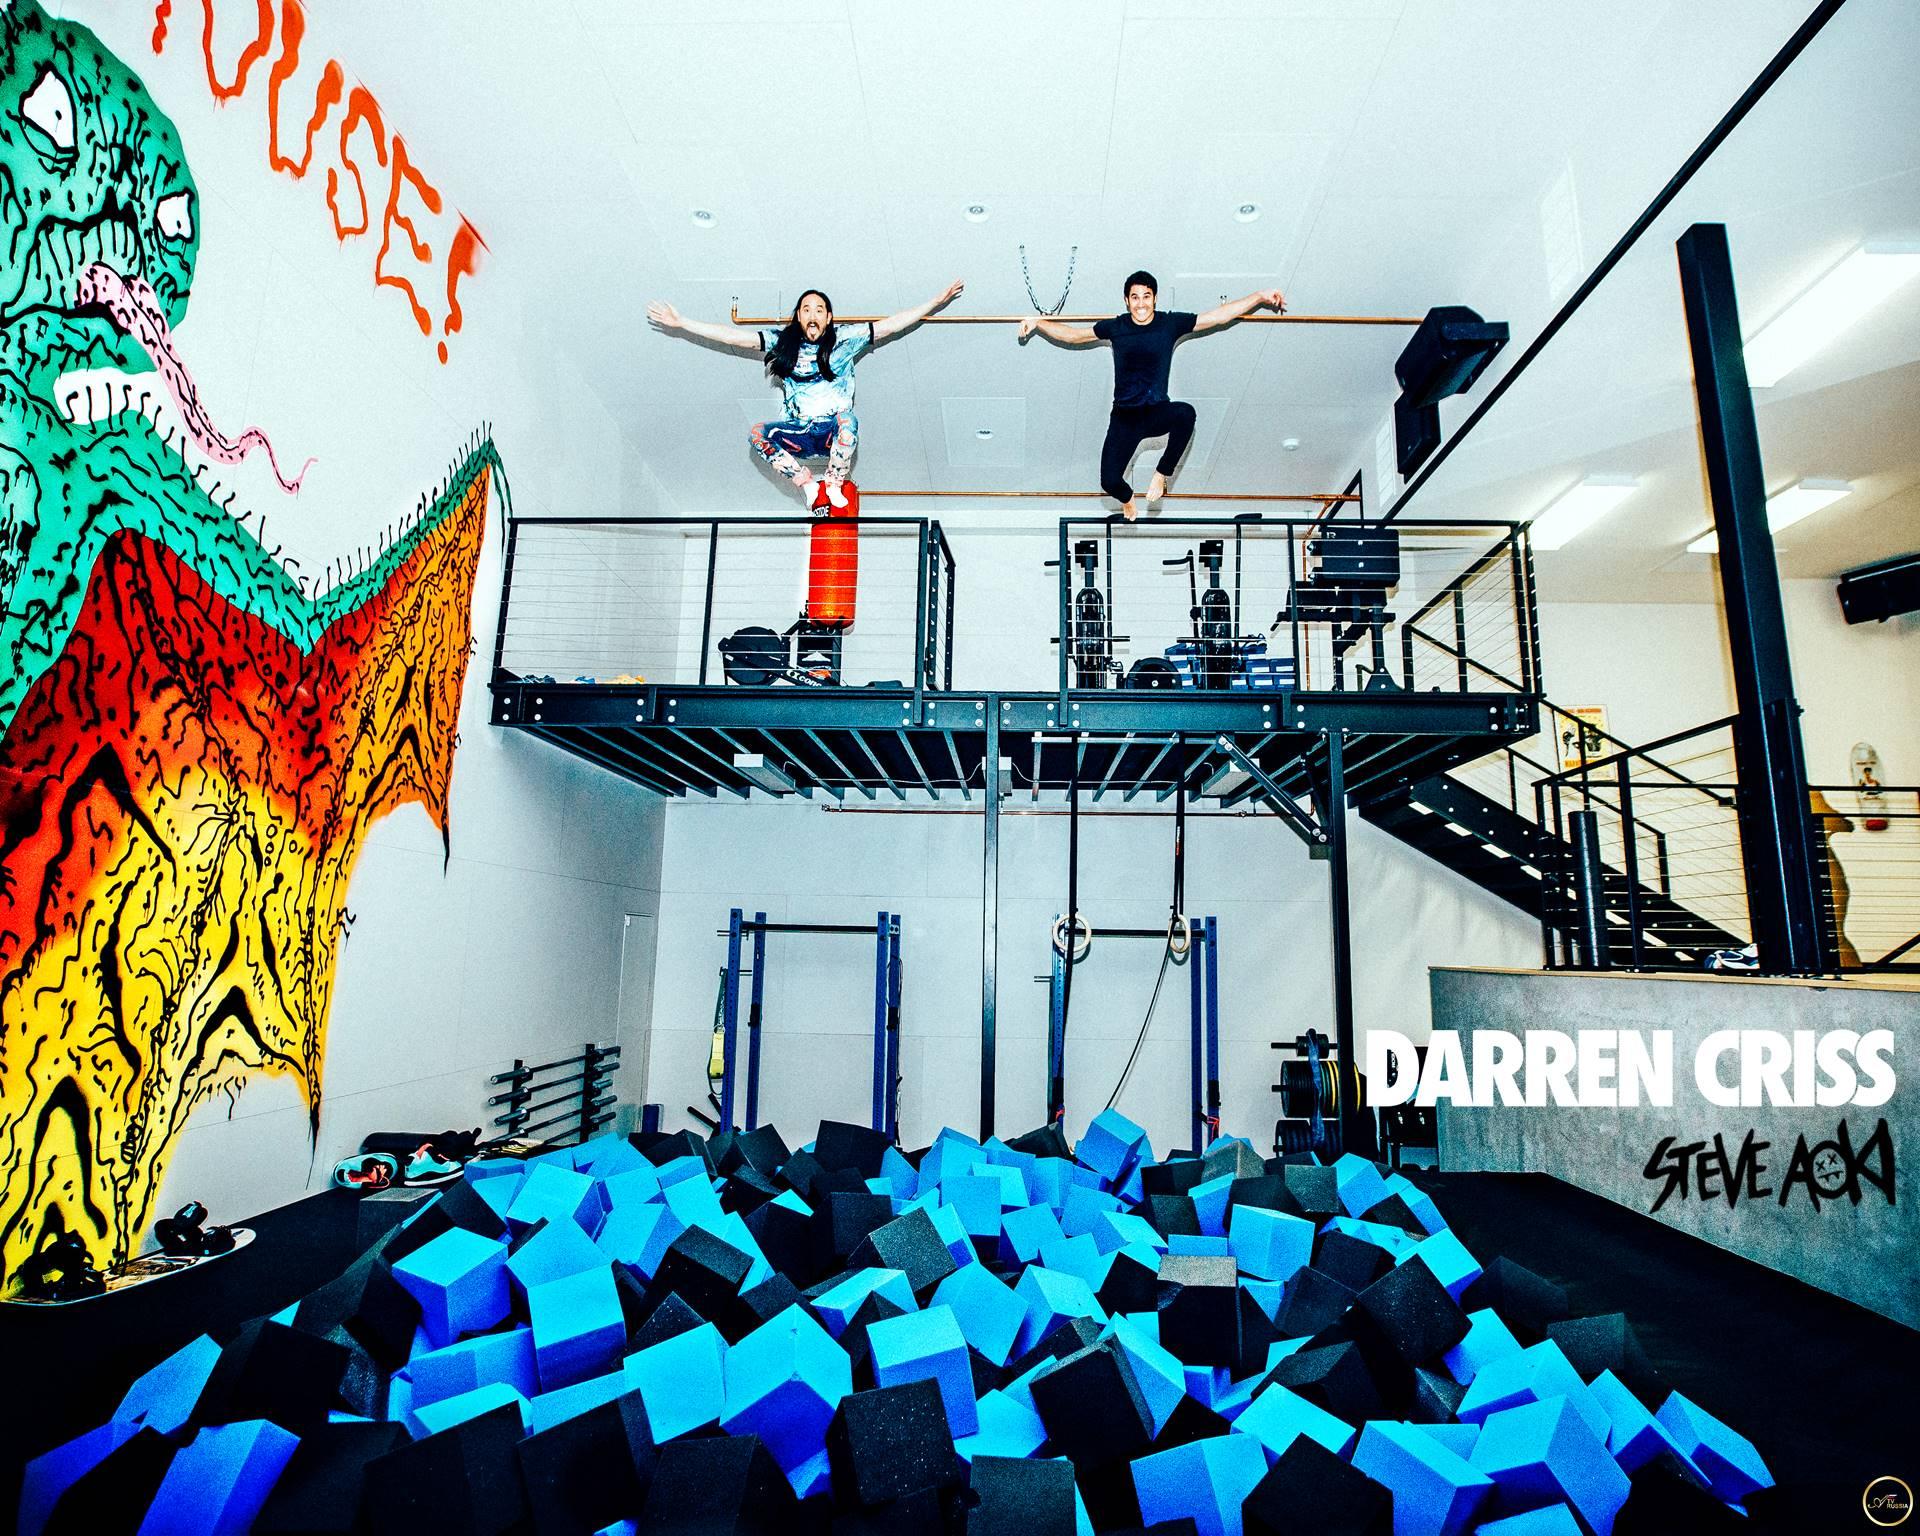 Steve Aoki x Darren Criss